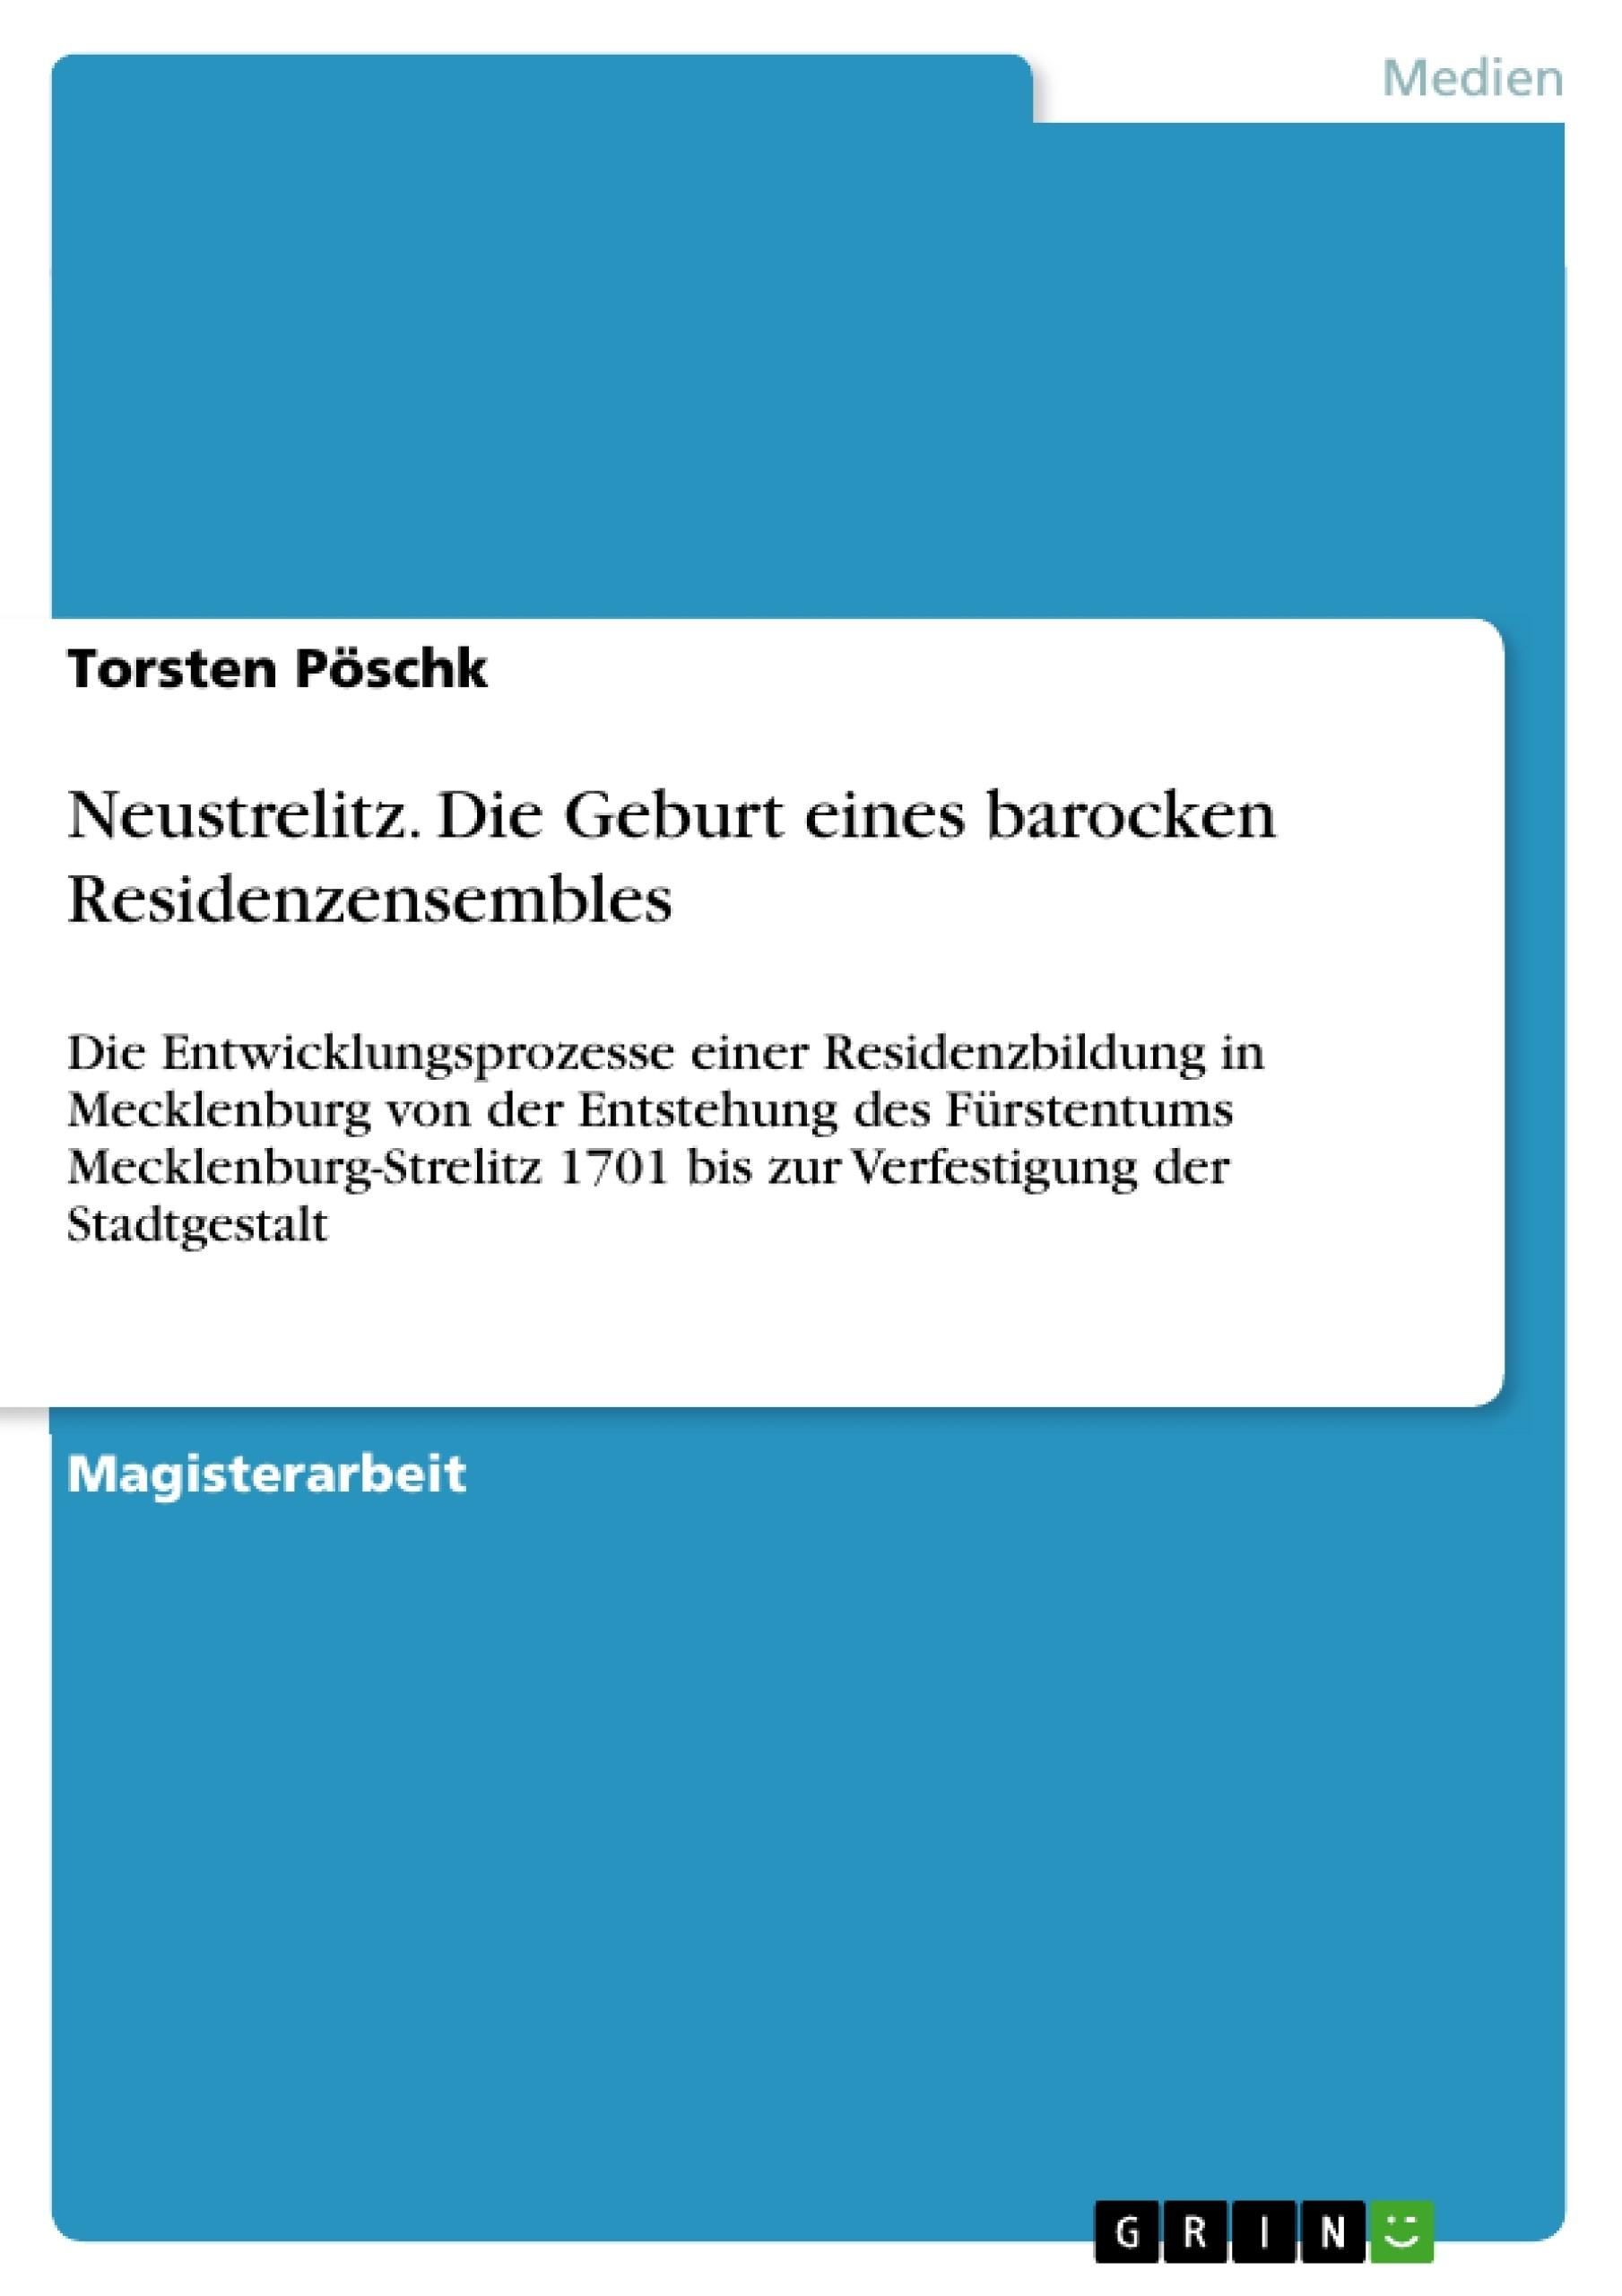 Titel: Neustrelitz. Die Geburt eines barocken Residenzensembles